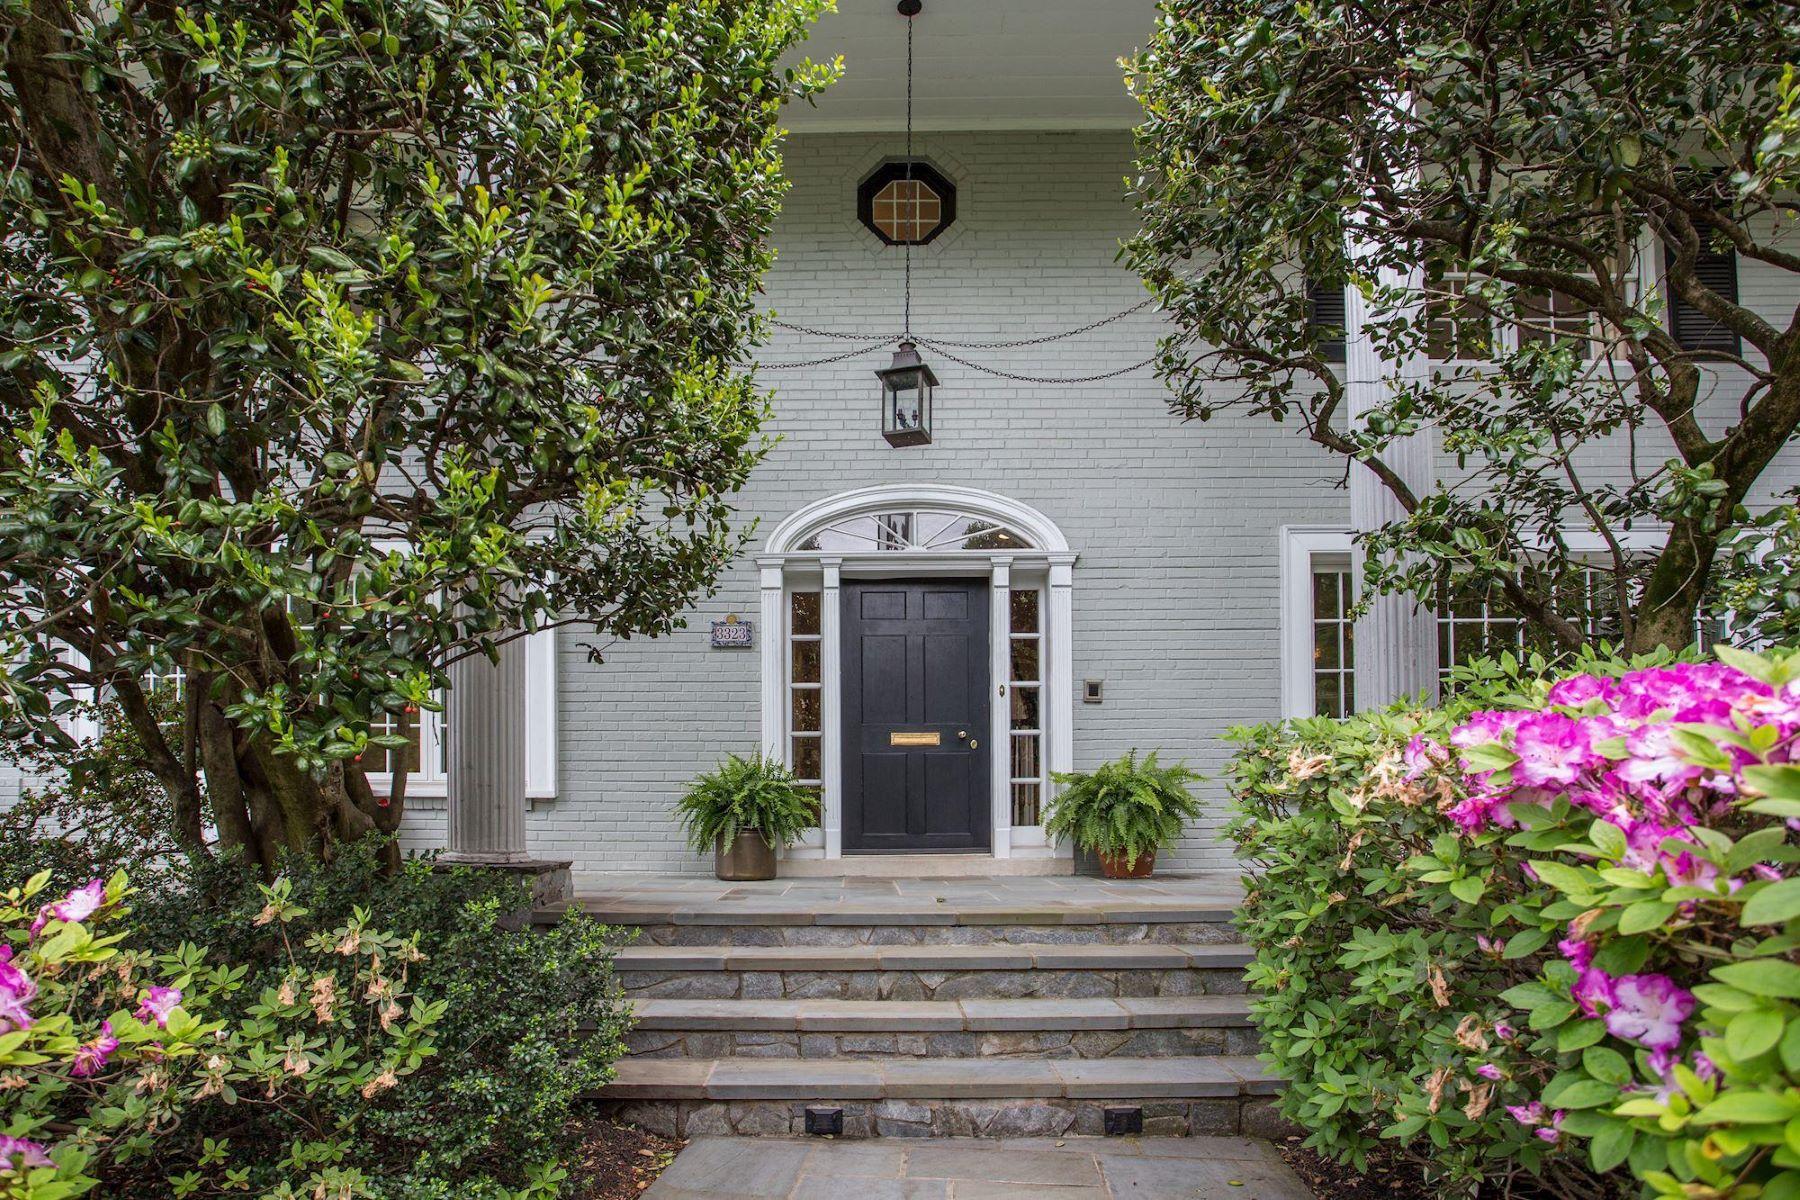 Частный односемейный дом для того Продажа на 3323 N Vermont St Arlington, Виргиния 22207 Соединенные Штаты